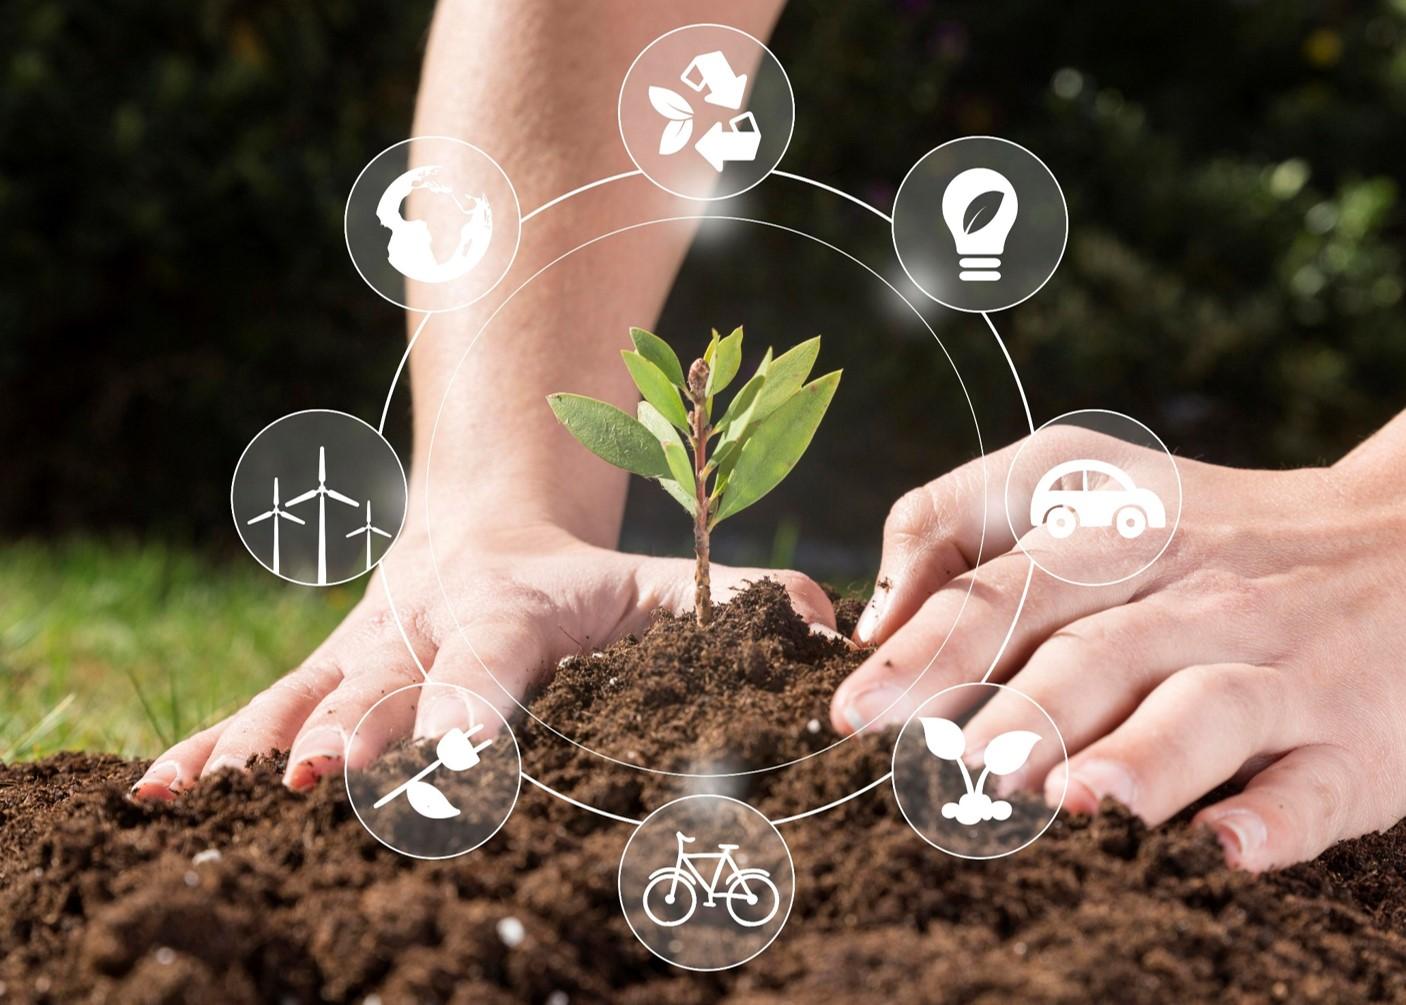 Ponad 250 mln zł na rozwój zielonych innowacji w polskich firmach. Celem m.in. redukcja emisji dwutlenku węgla i ilości odpadów